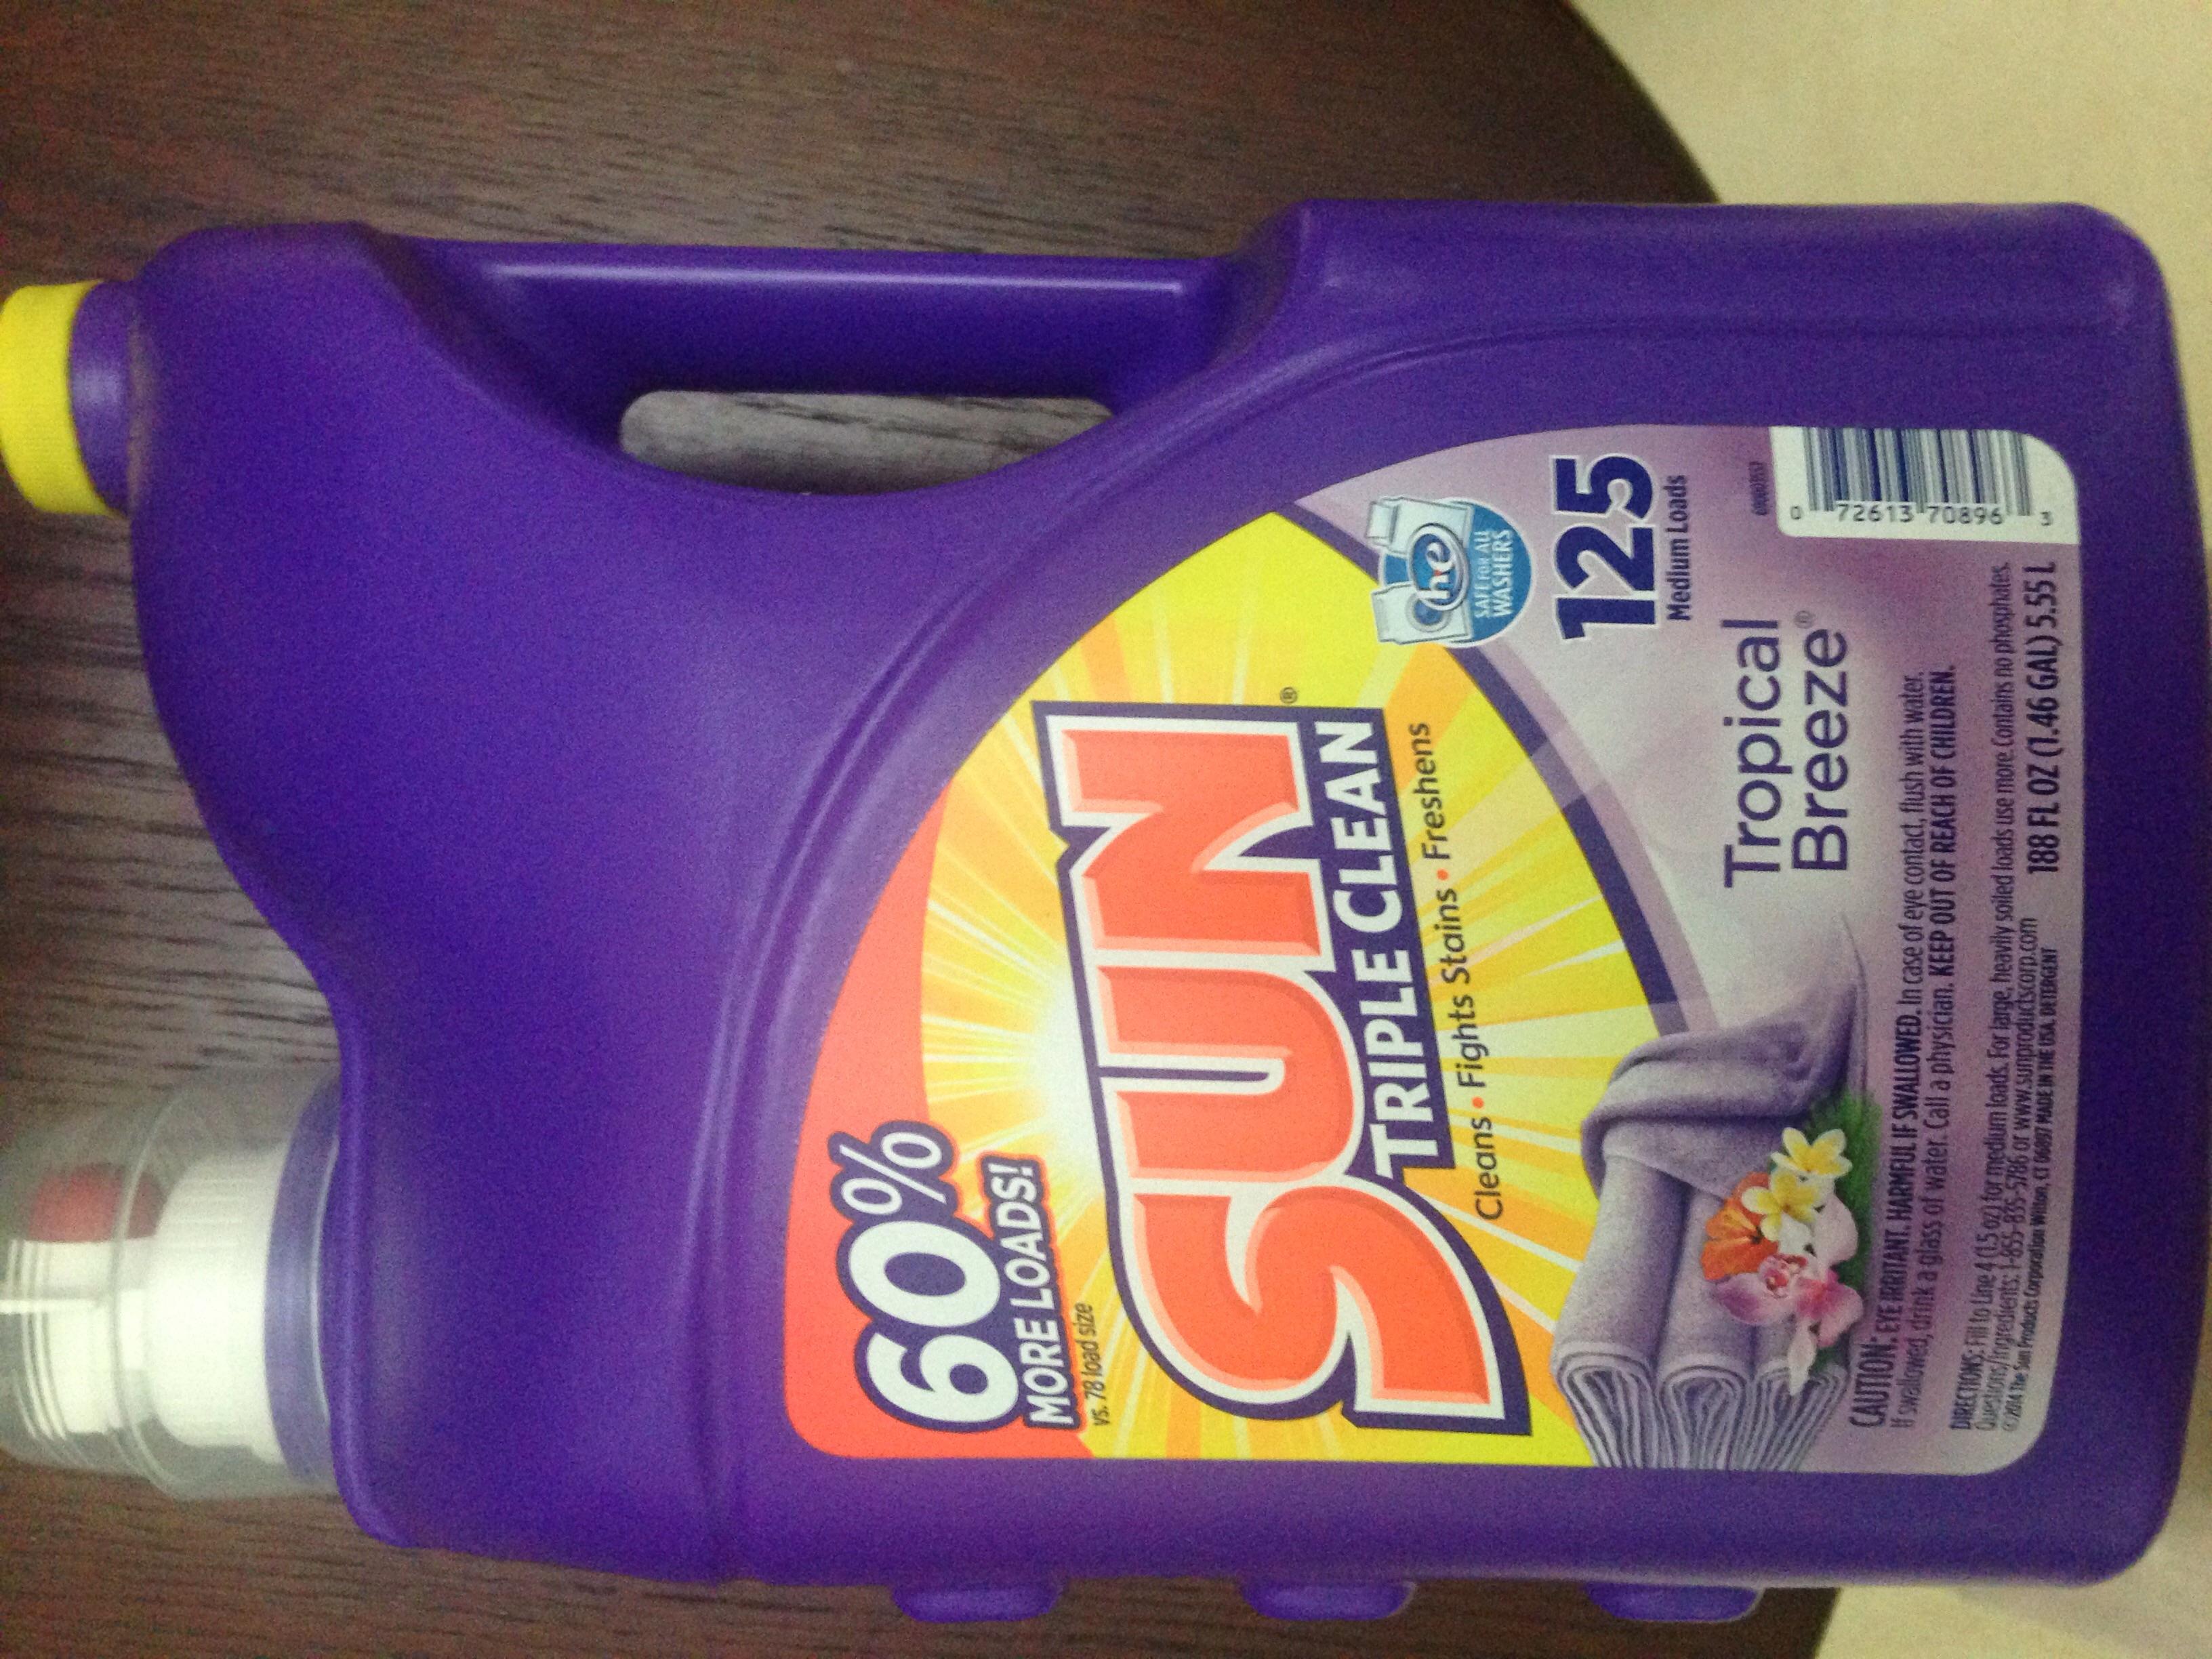 Walmart: detergente Sun 5.15 lts a $33.03